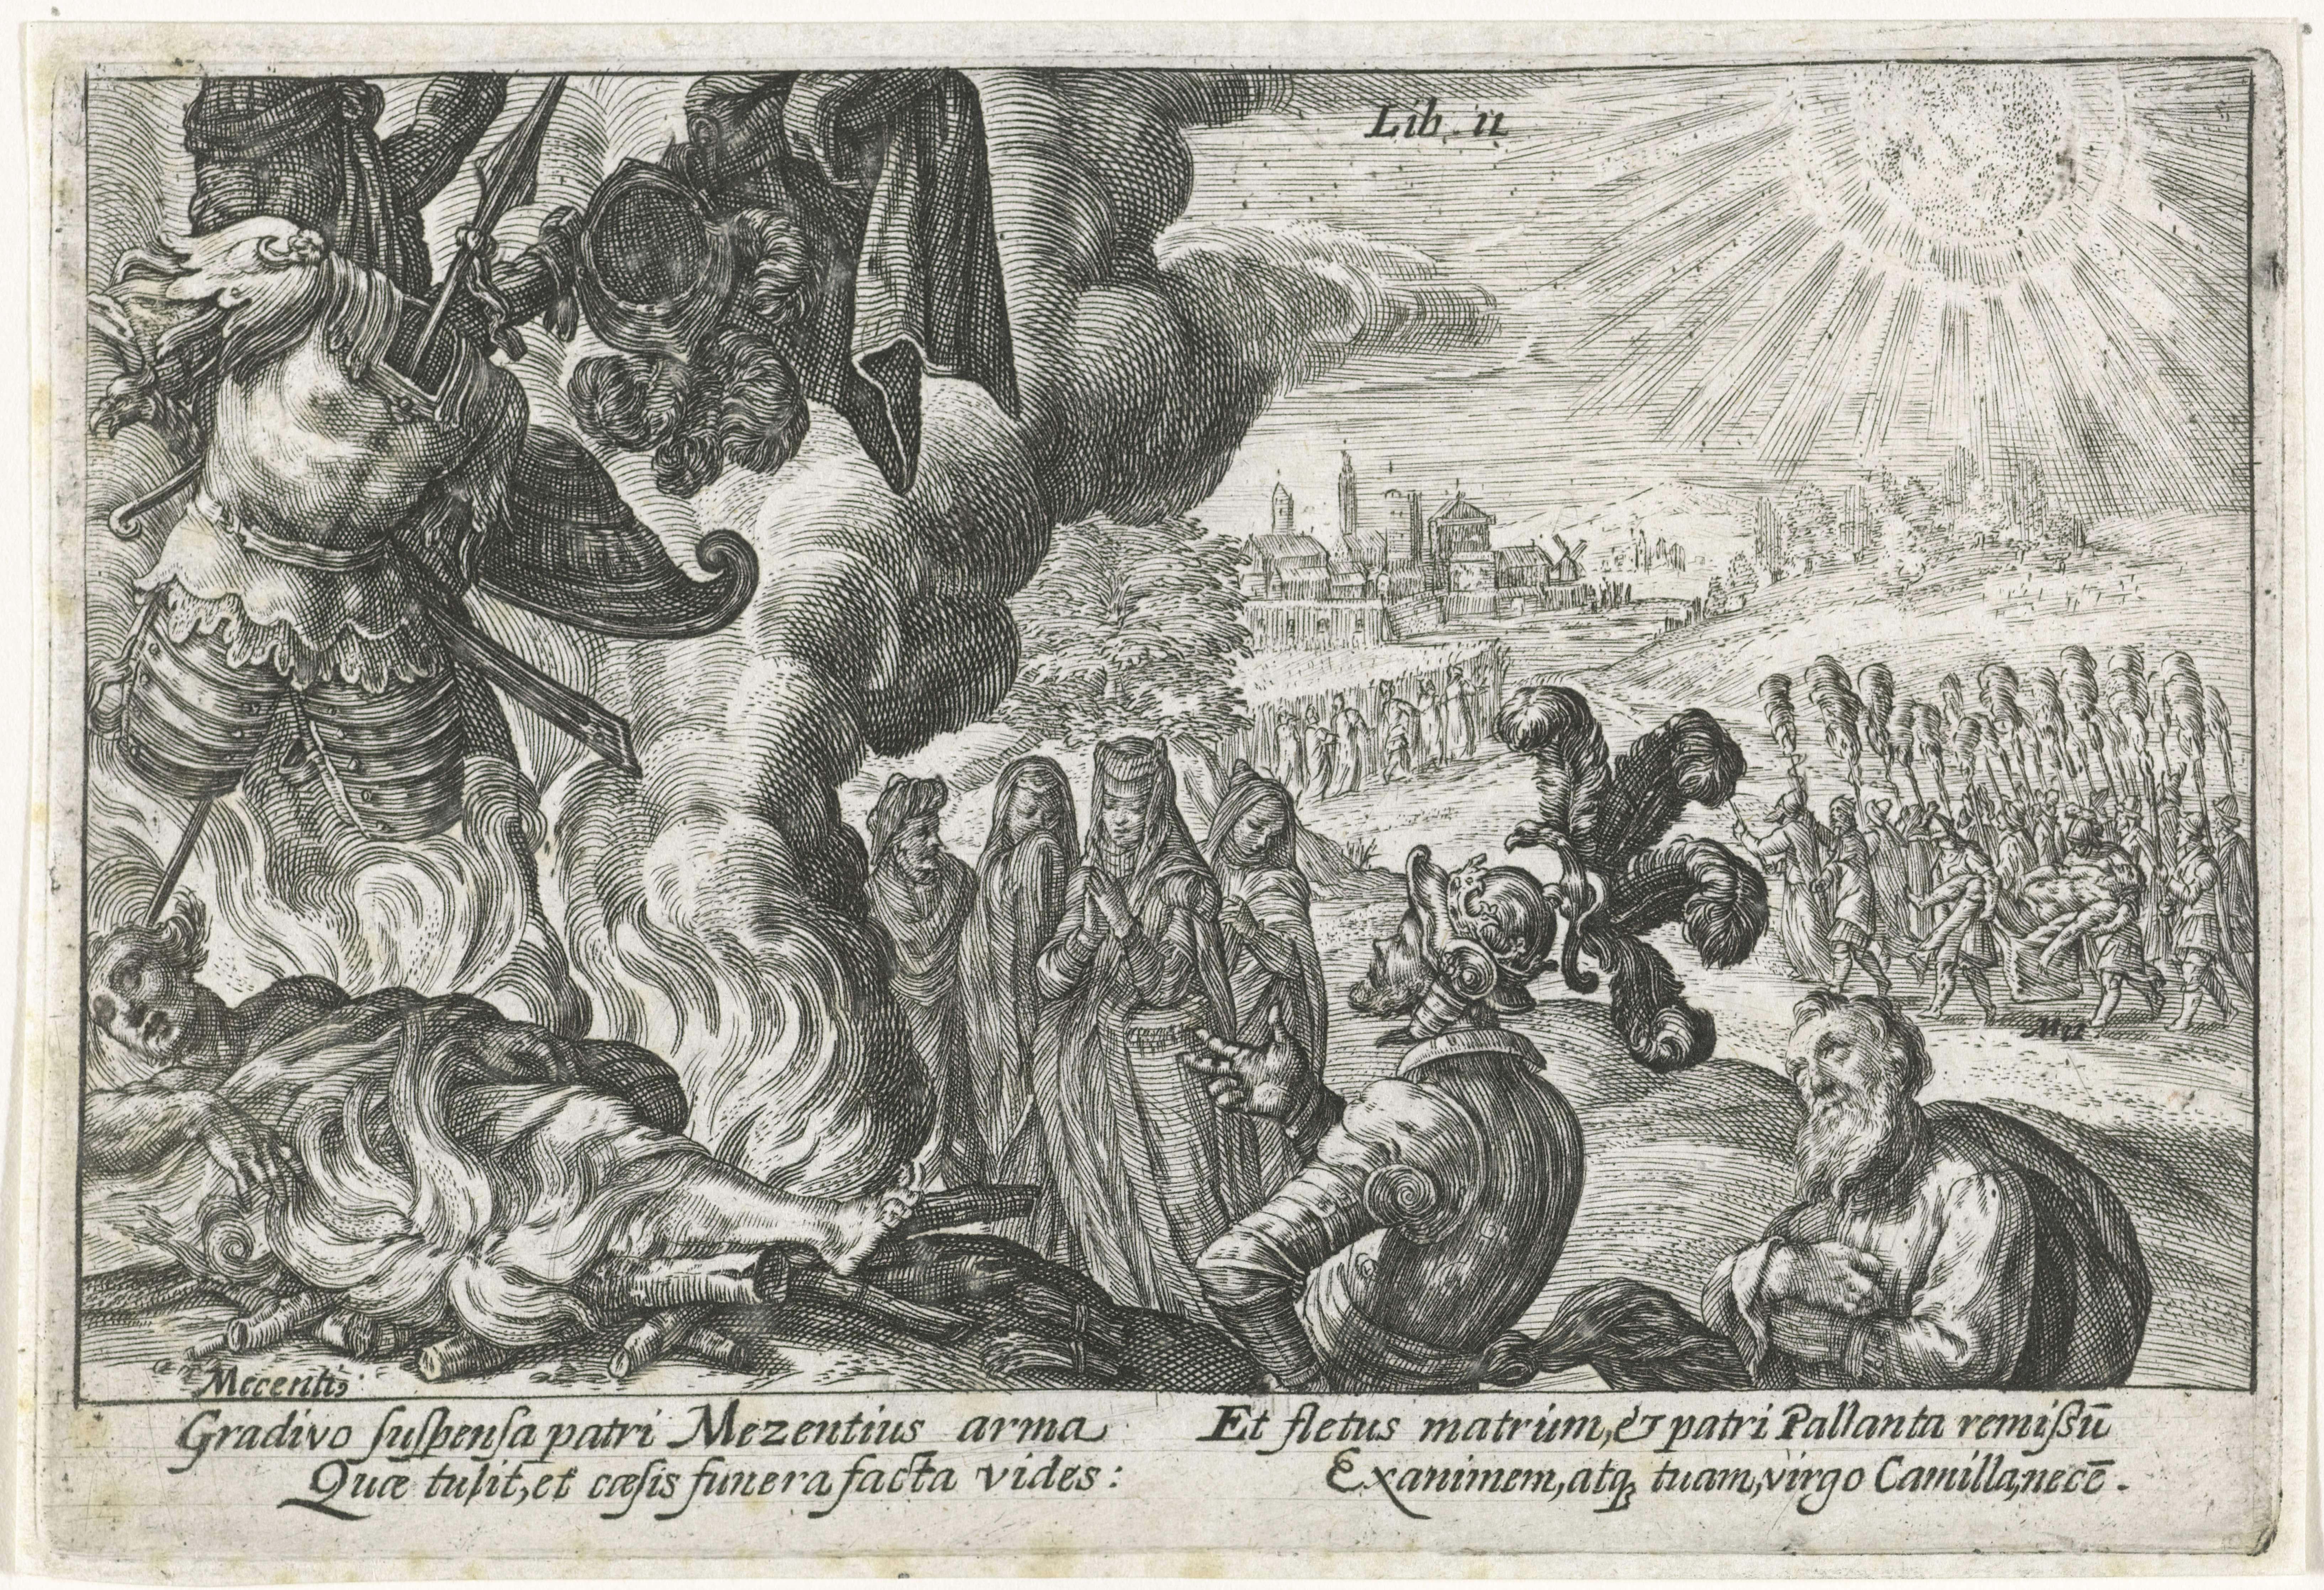 Crispijn van de Passe (I) | Verbranden van de doden, Crispijn van de Passe (I), 1612 | Aeneas laat het lichaam en de wapens van Mezentius verbranden, als offer aan Mars. Treurende vrouwen kijken toe. Rechts op de achtergrond wordt het lichaam van Pallas naar zijn vader Evander gebracht. In de marge een vierregelig onderschrift, in twee kolommen, in het Latijn.